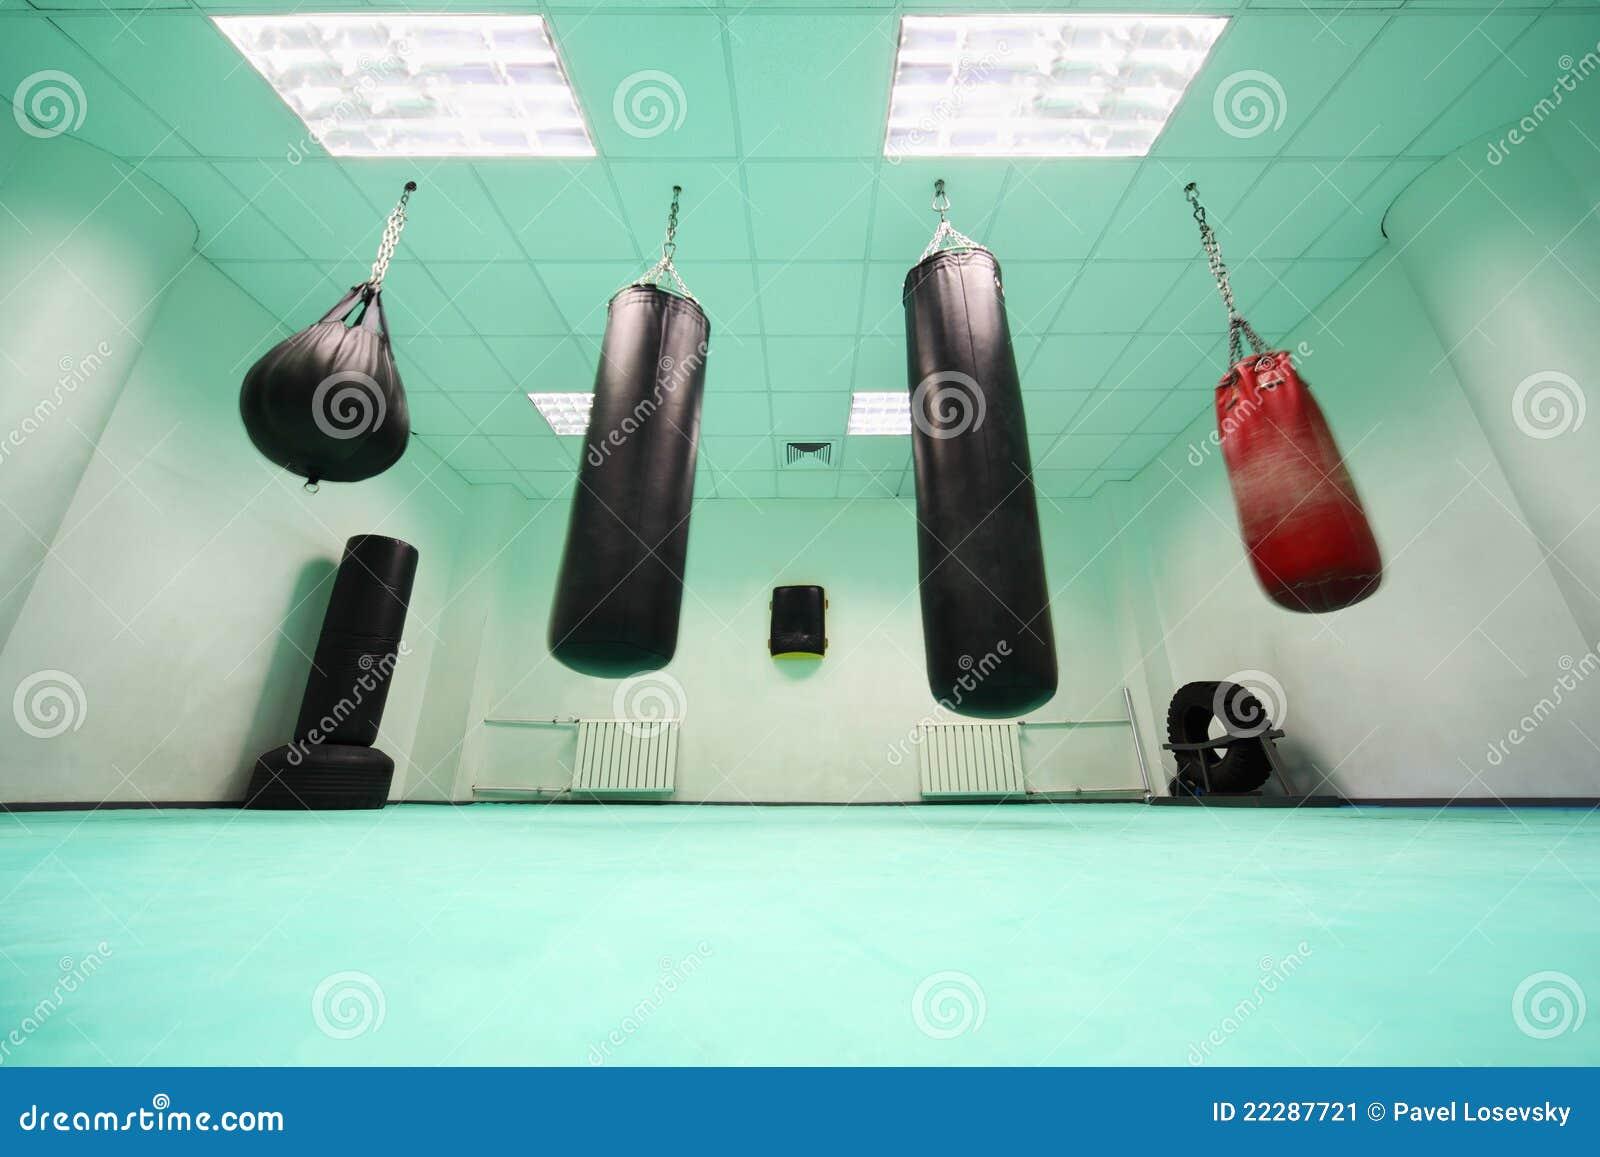 Svuoti la stanza, in cui caduta del sacchetto di perforazione